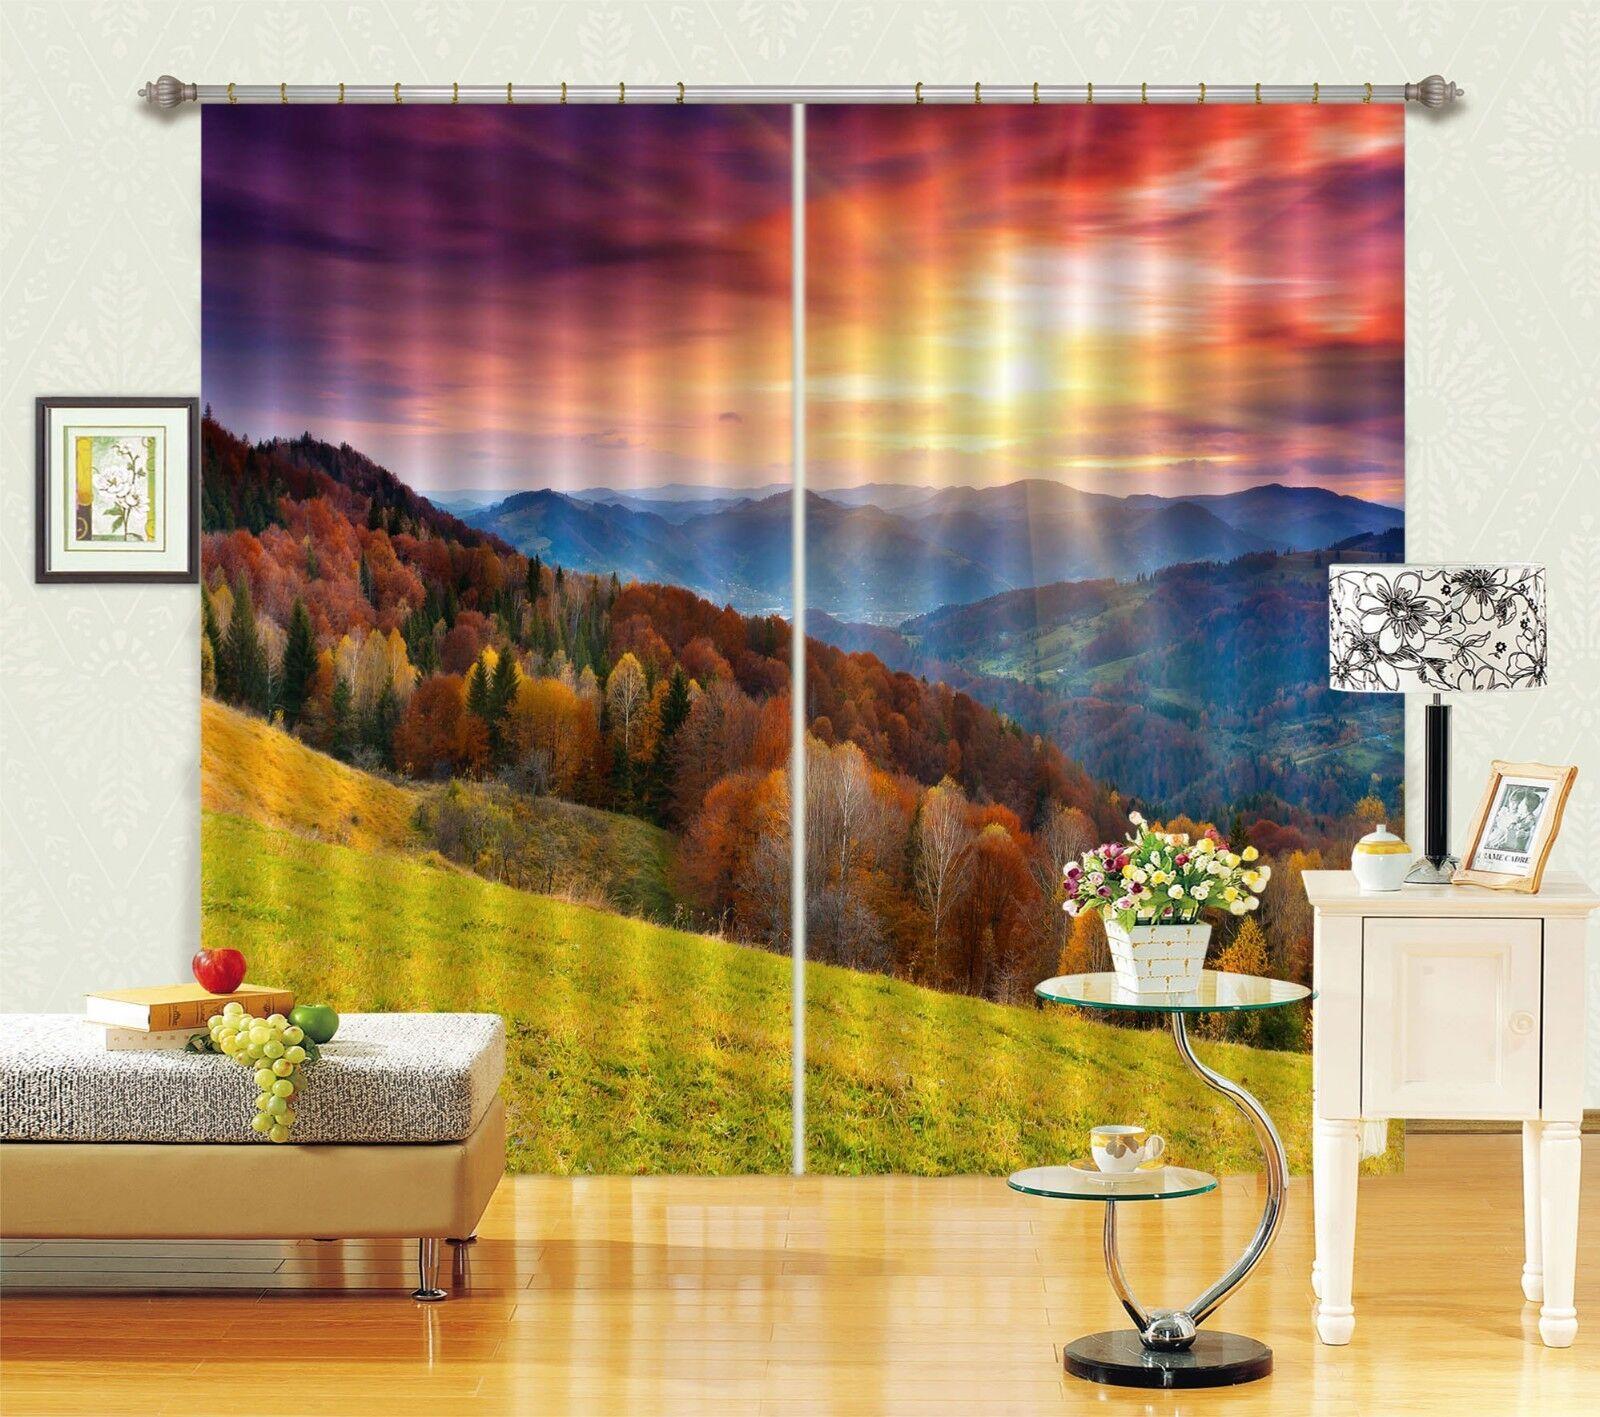 Montaña 3D 901 Cortinas de impresión de cortina de foto Blockout Tela Cortinas Ventana au